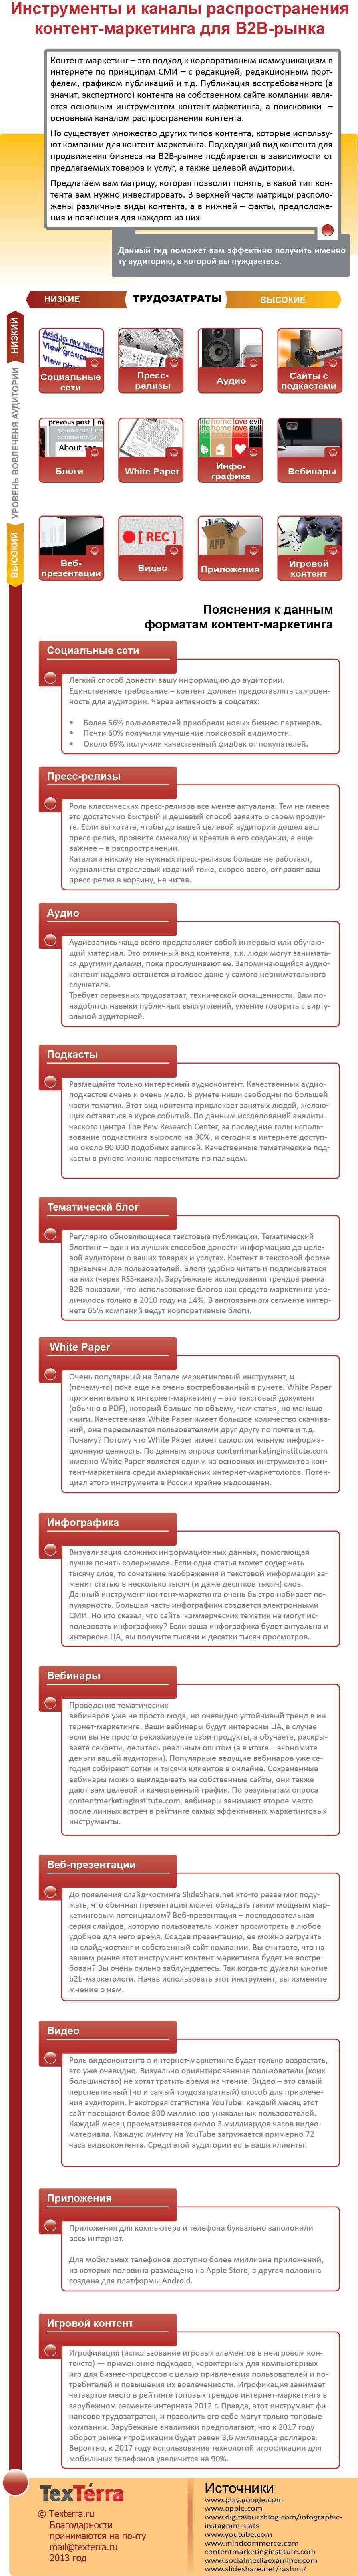 Інструменти та канали поширення контент-маркетингу для B2B-ринку (Інфографіка)